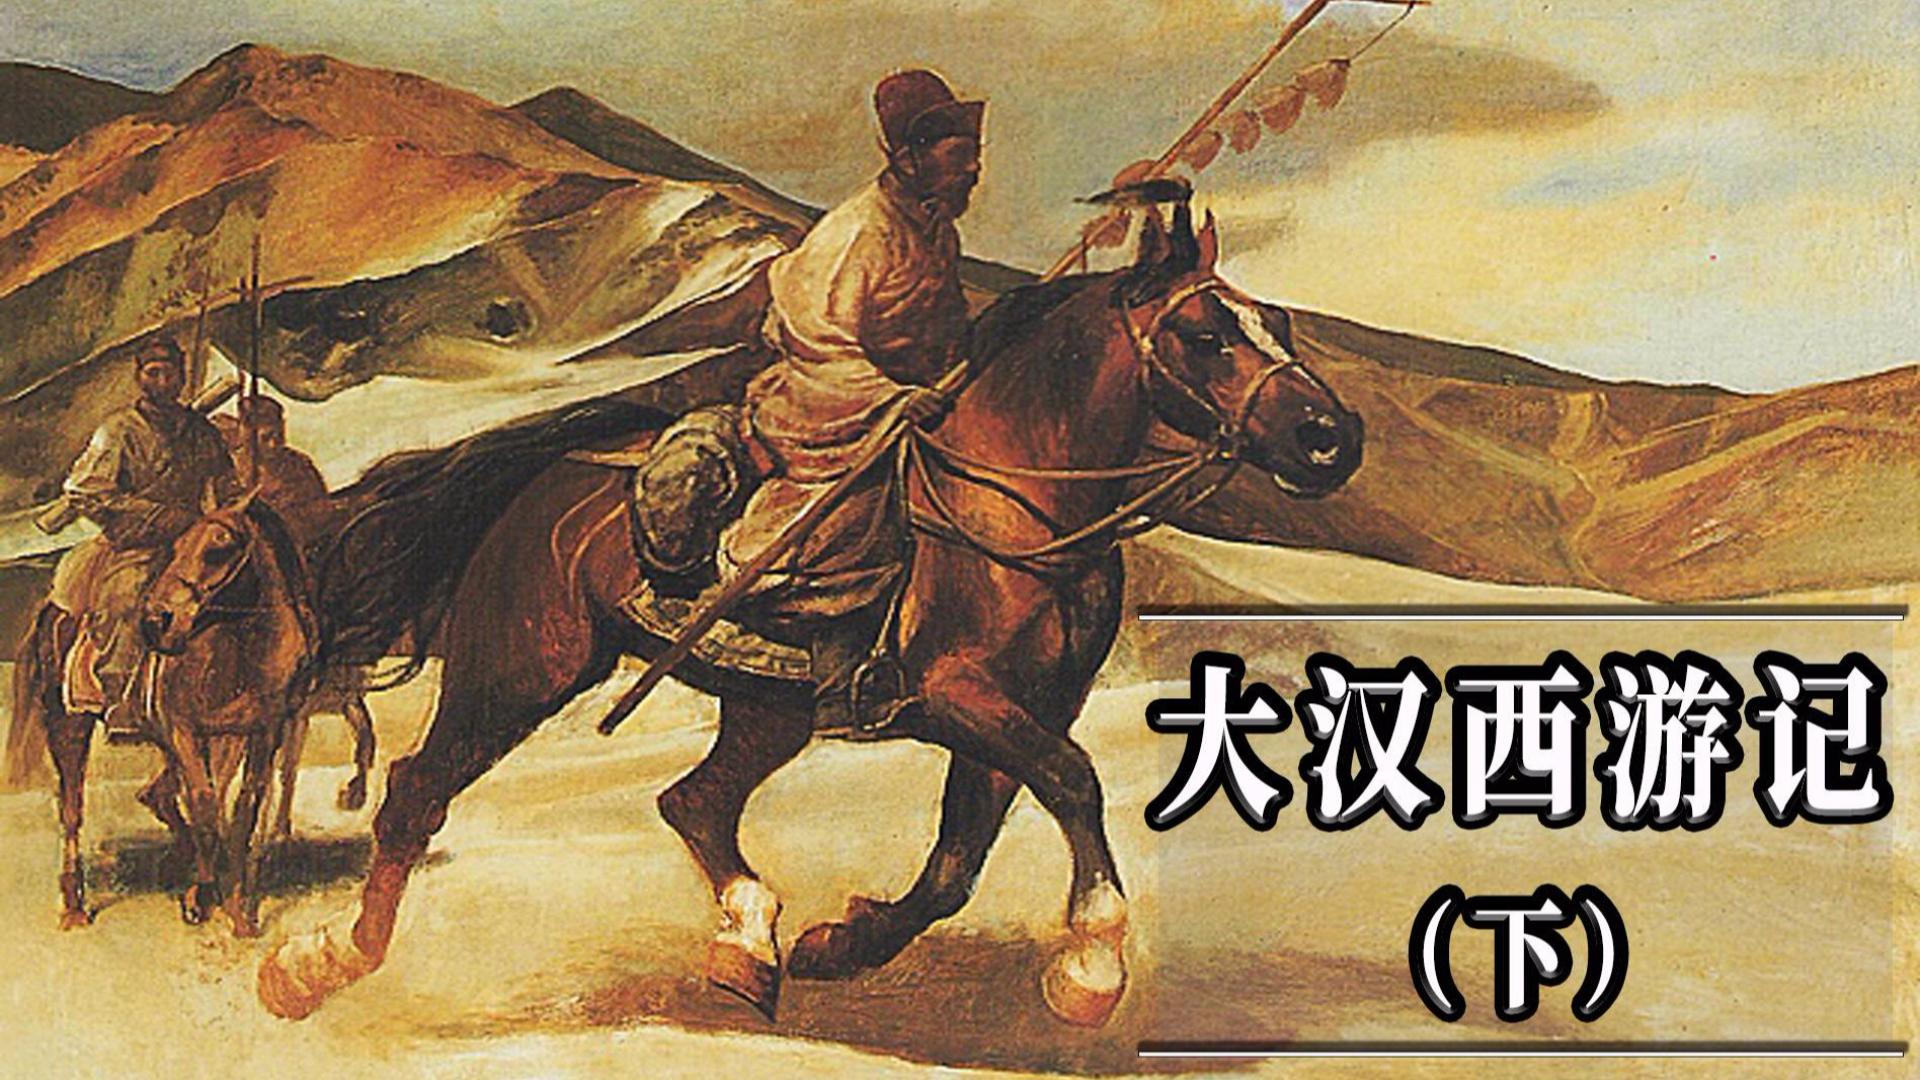 【汉武时代漫谈】05十三年与两万里(下)